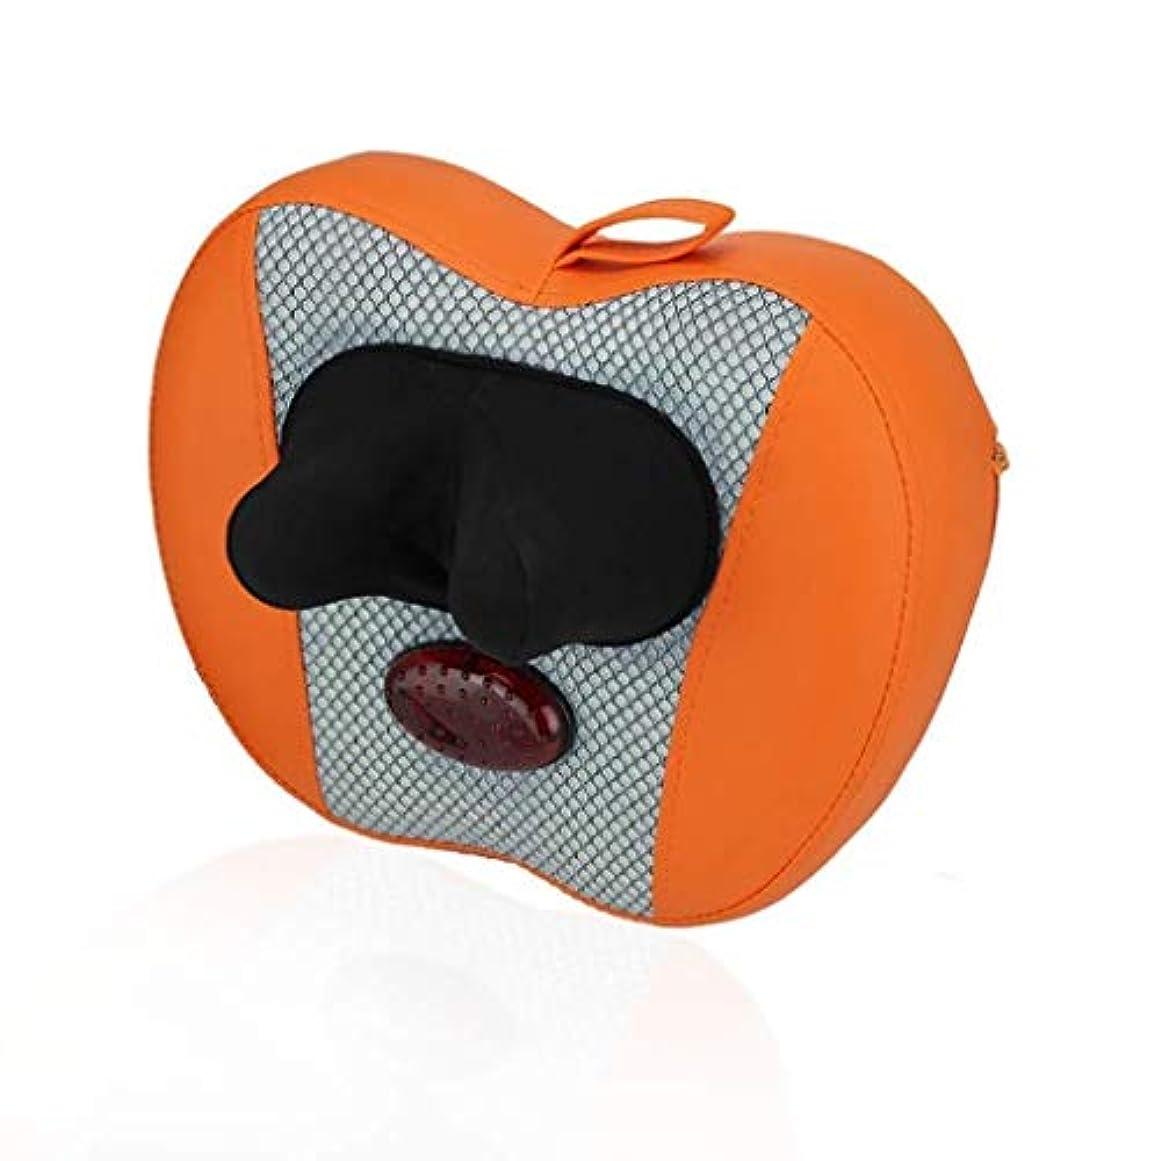 熟読モザイクバイオレットマッサージャー、首/背中のマッサージ枕、電動マッサージクッション、首、ウエスト、肩暖房ディープニーディングマッサージ枕、筋肉痛の緩和